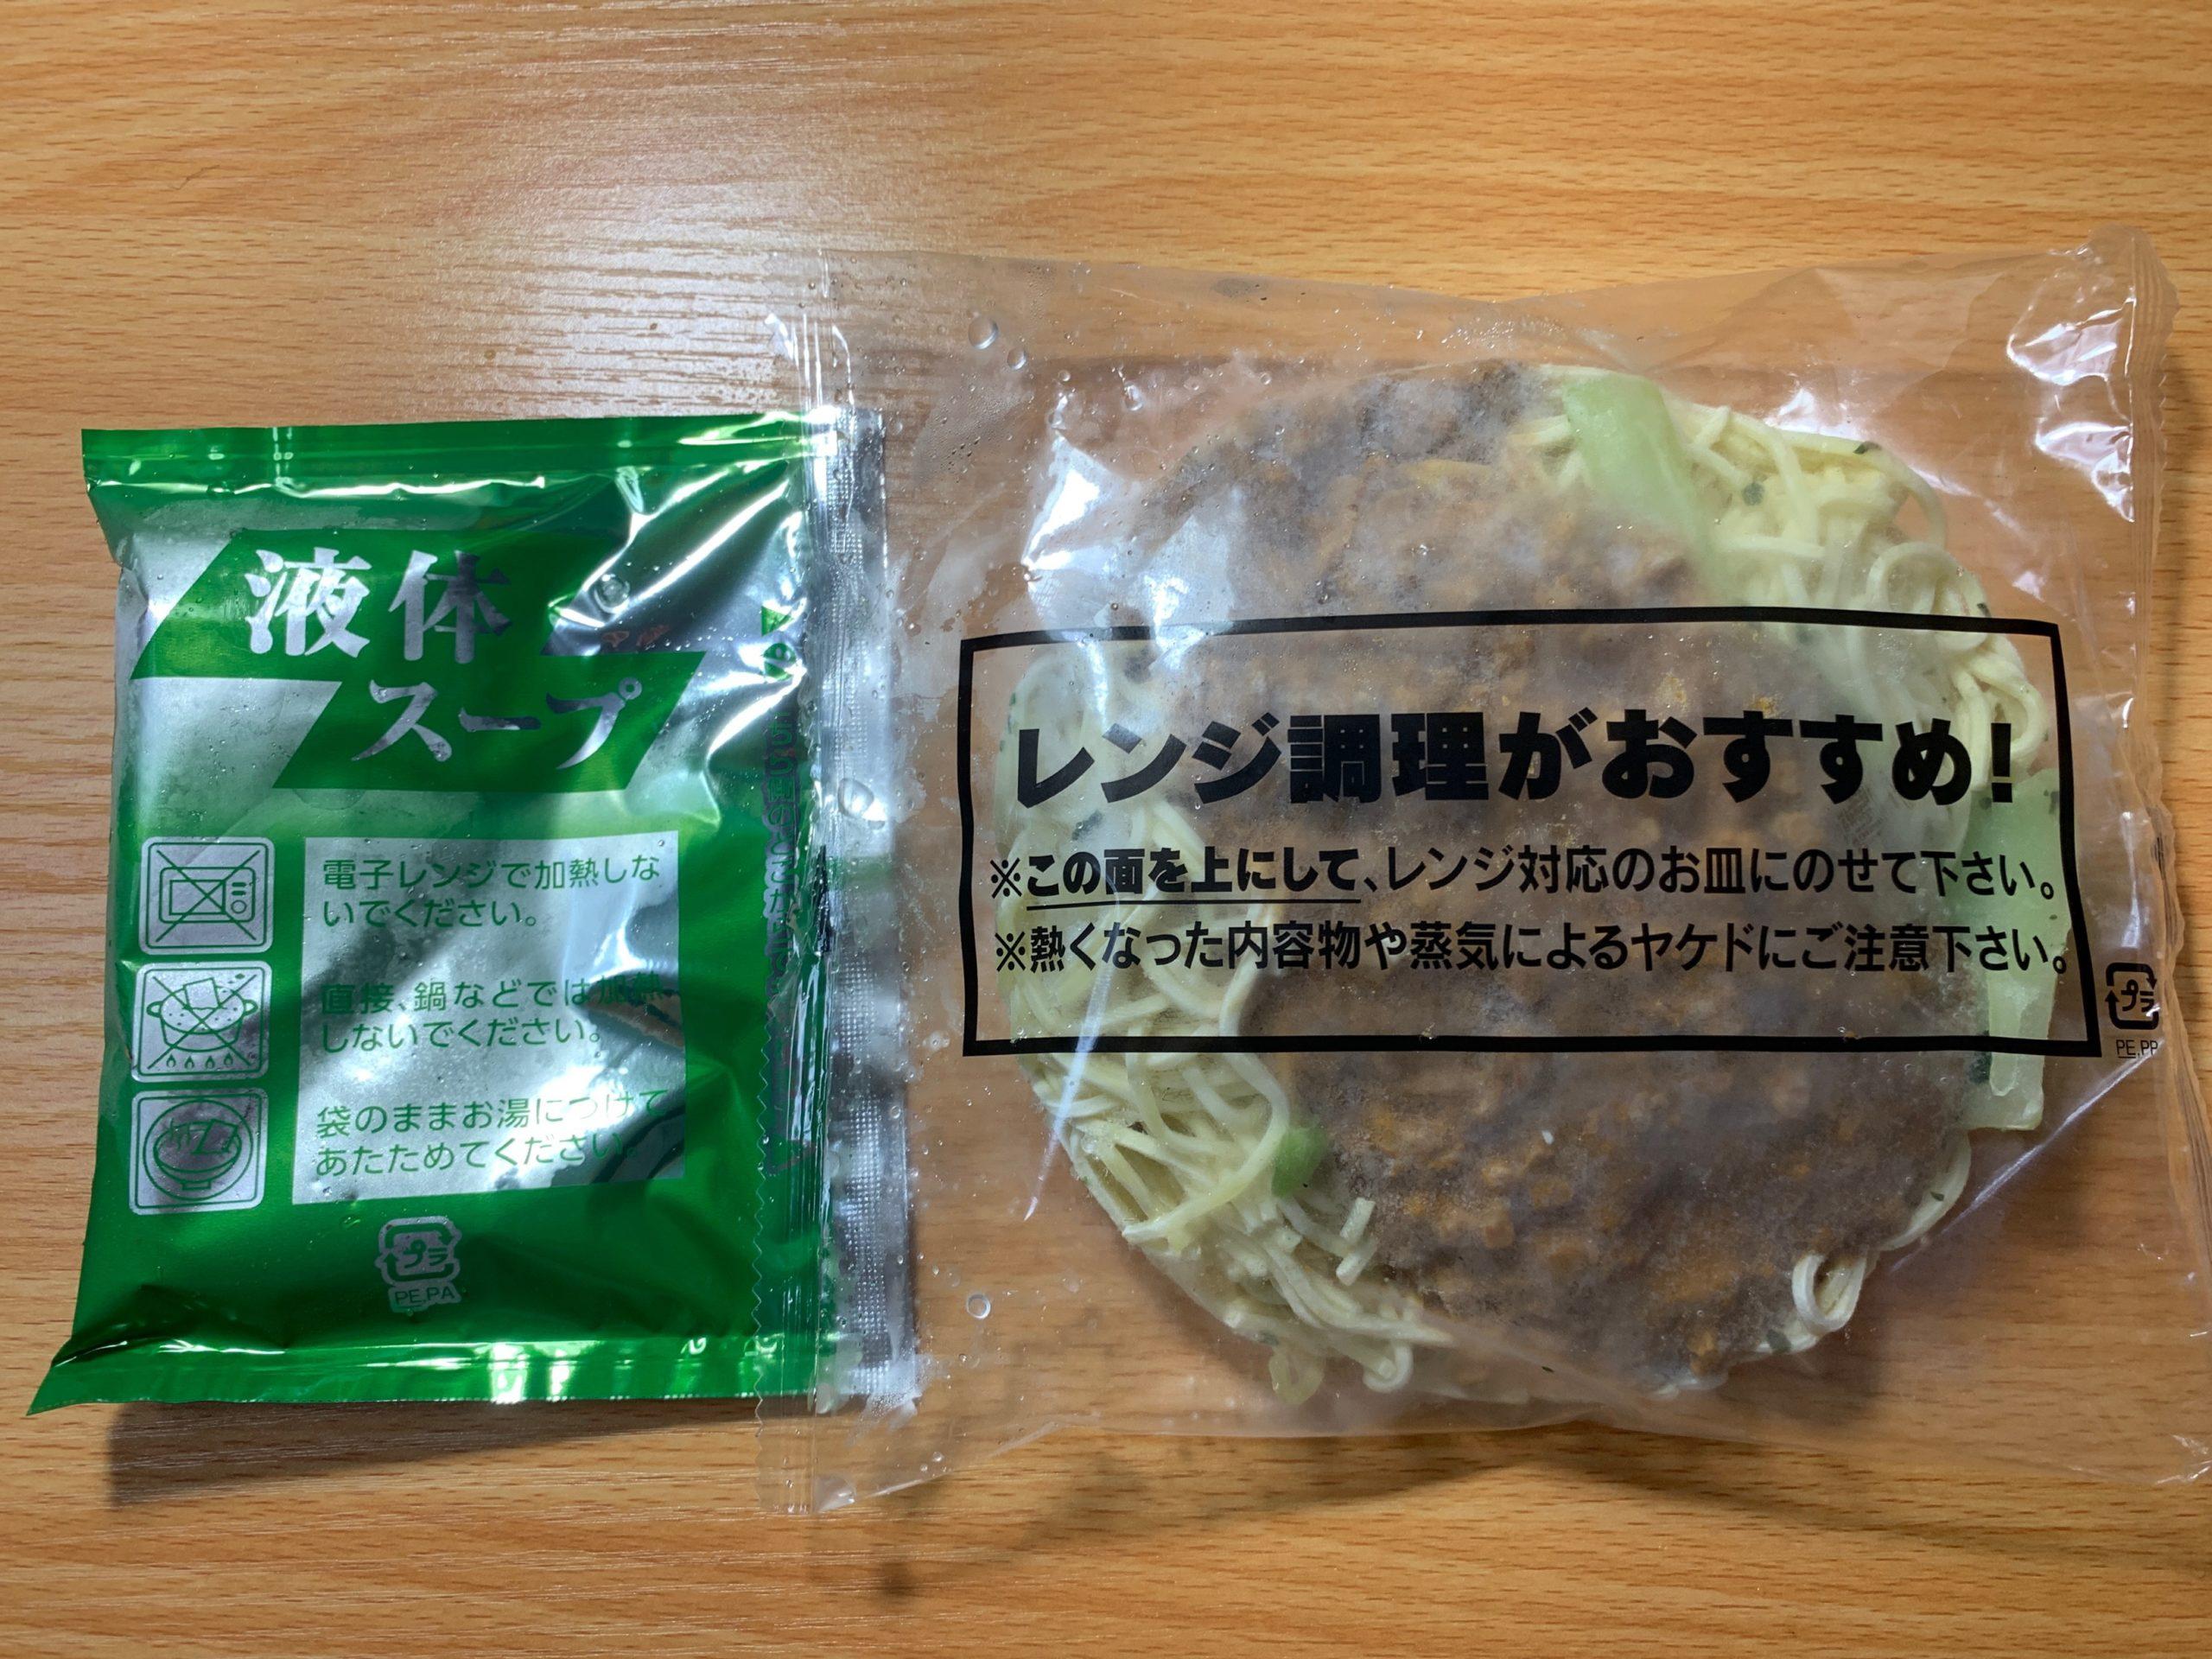 胡麻が濃厚な坦々麺の中身